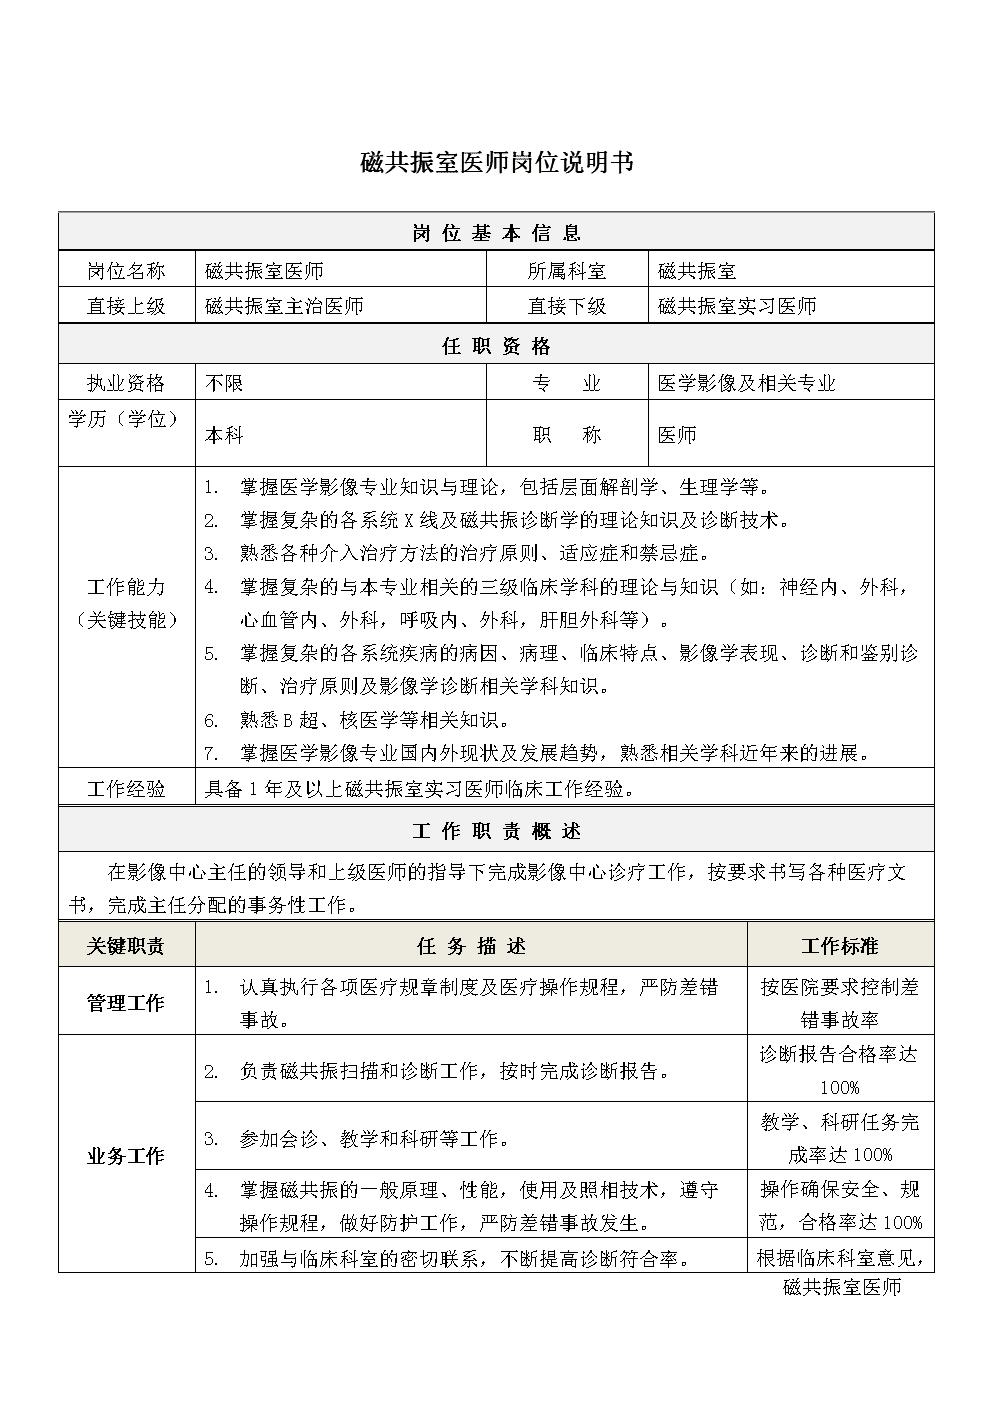 5磁共振室医师岗位说明书.docx